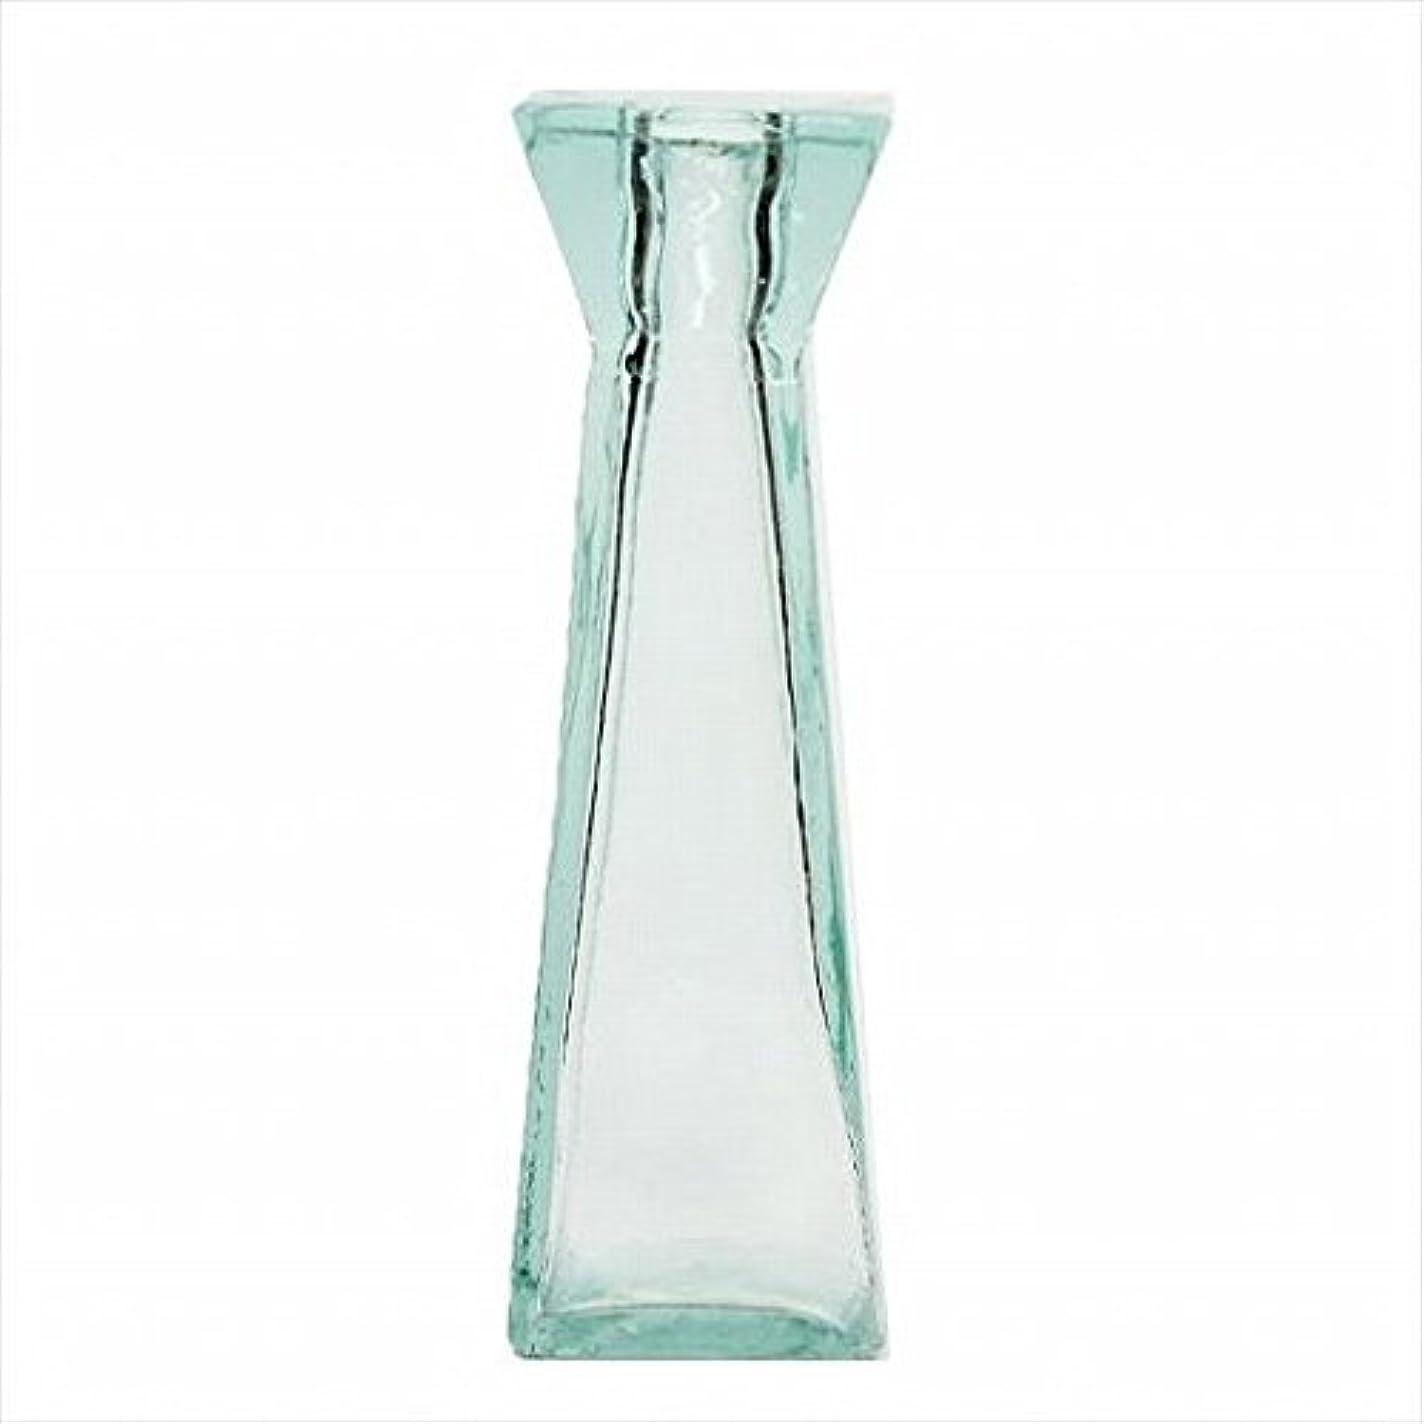 扱いやすい砂利雄弁kameyama candle(カメヤマキャンドル) オリオンS キャンドル 45x45x150mm (J4010000)